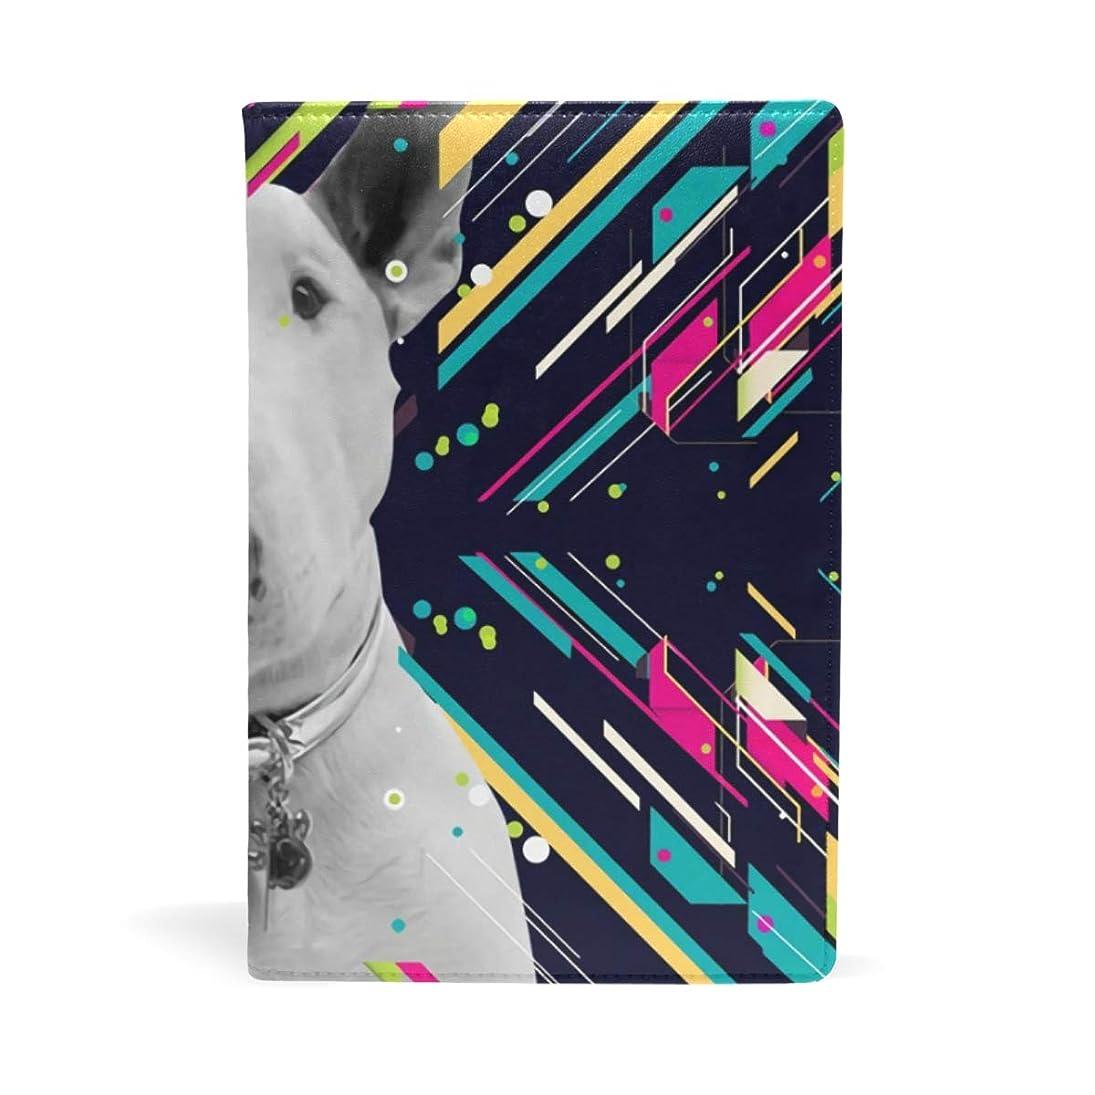 咳情緒的遮るブックカバー 文庫 a5 皮革 レザー ブルテリア 文庫本カバー ファイル 資料 収納入れ オフィス用品 読書 雑貨 プレゼント